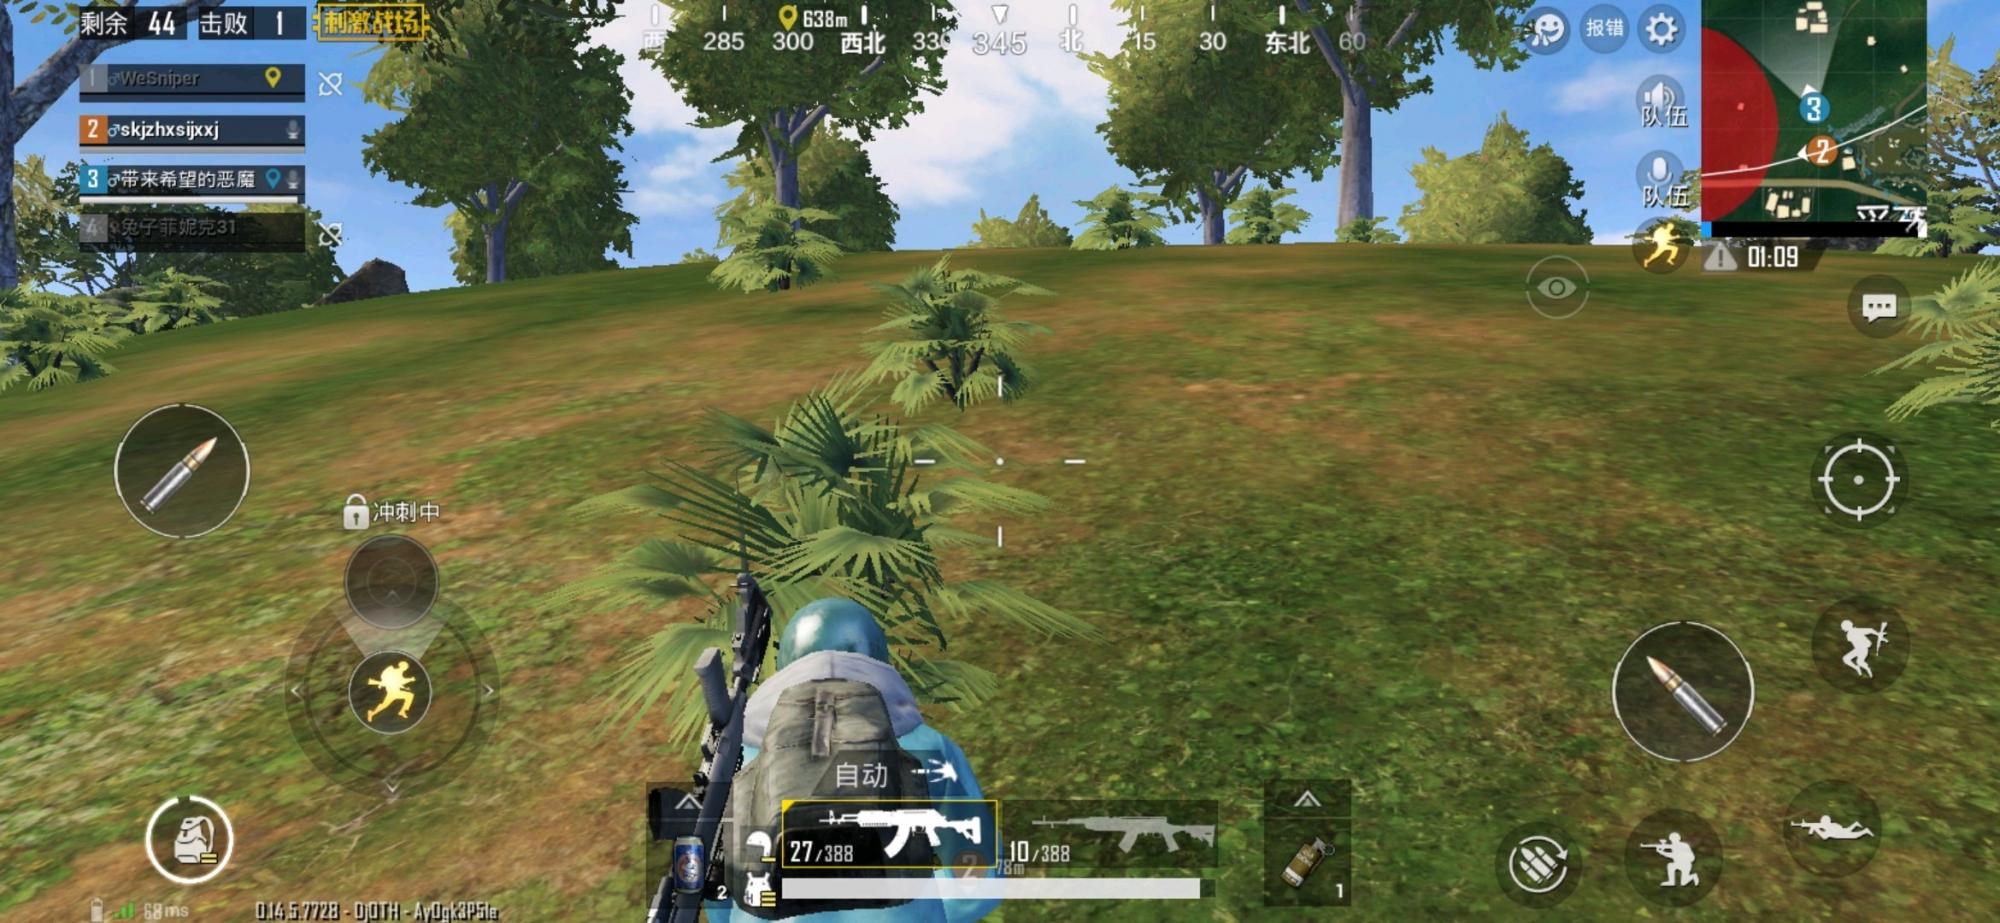 Screenshot_20190506_214036_com.tencent.tmgp.pubgmhd.jpg